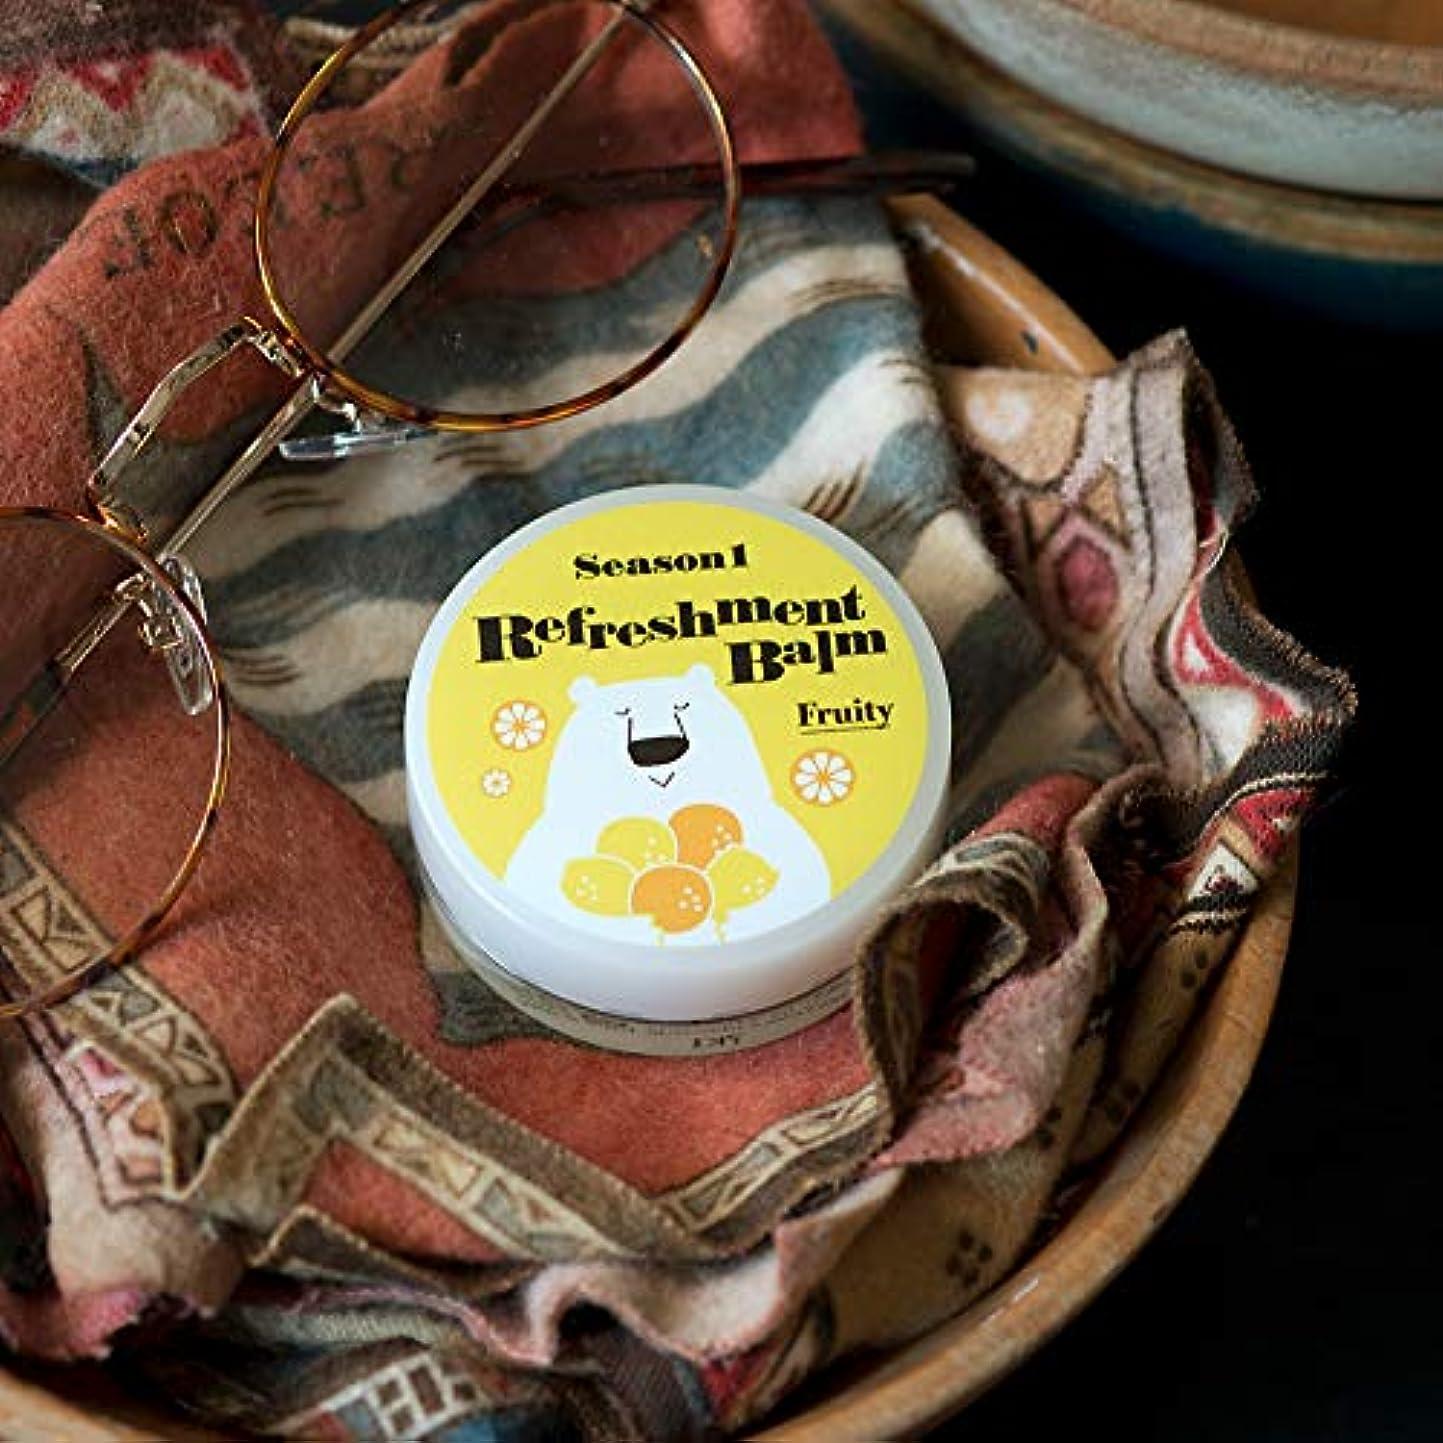 方言ロデオこどもの宮殿(美健)BIKEN カサカサ鼻にひと塗り リフレッシュメントバーム フルーティ エッセンシャルオイル(精油)のみで香り付け